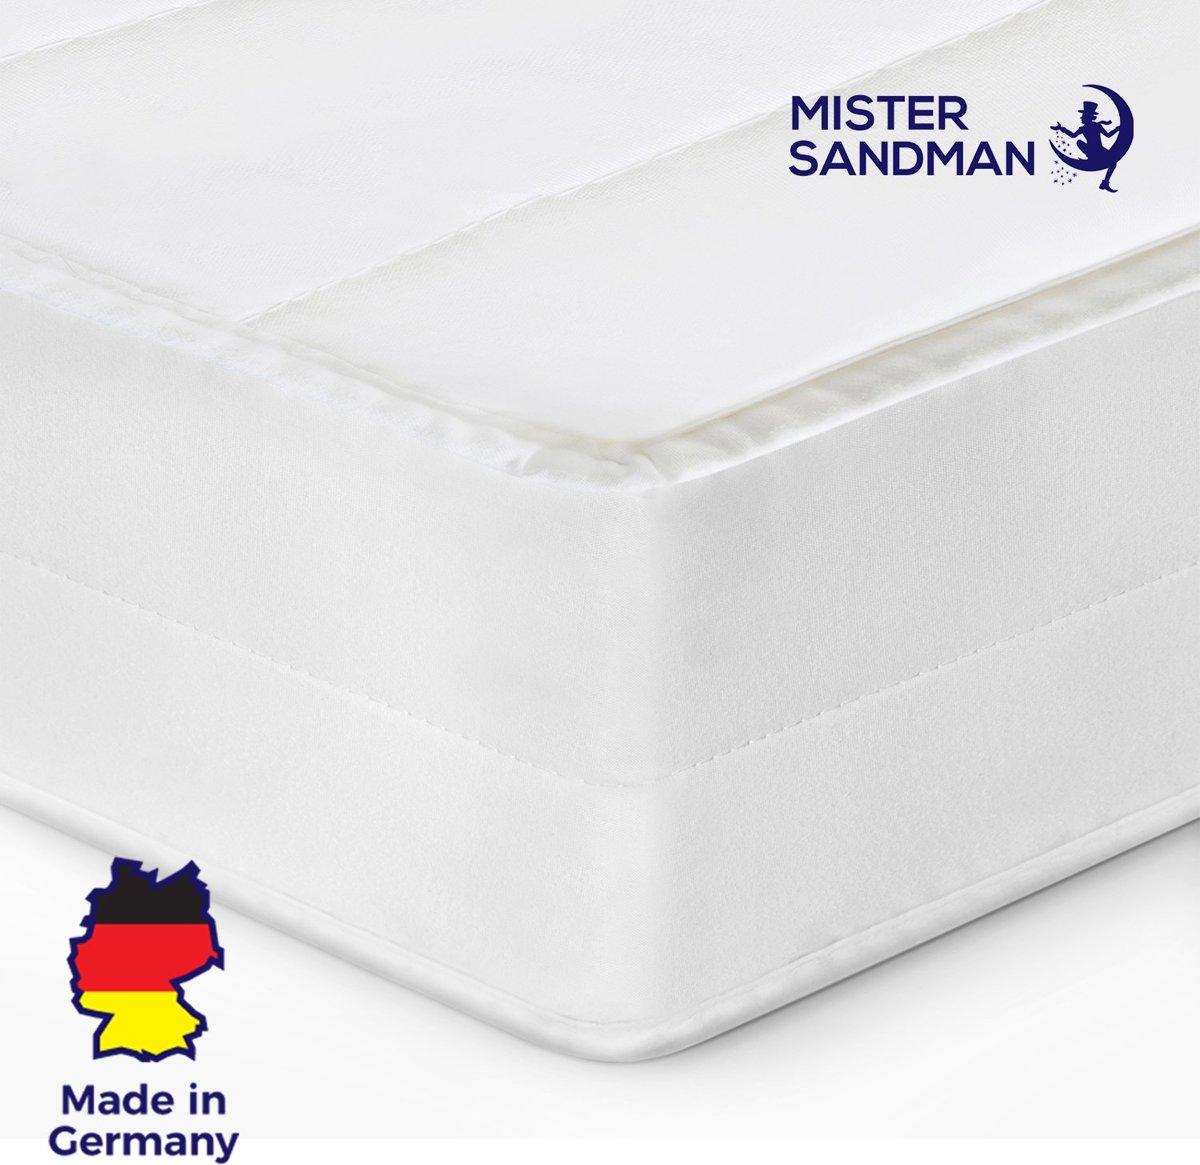 Matras - 180x200 - comfortschuim - goedkope matras - microvezel tijk - wit